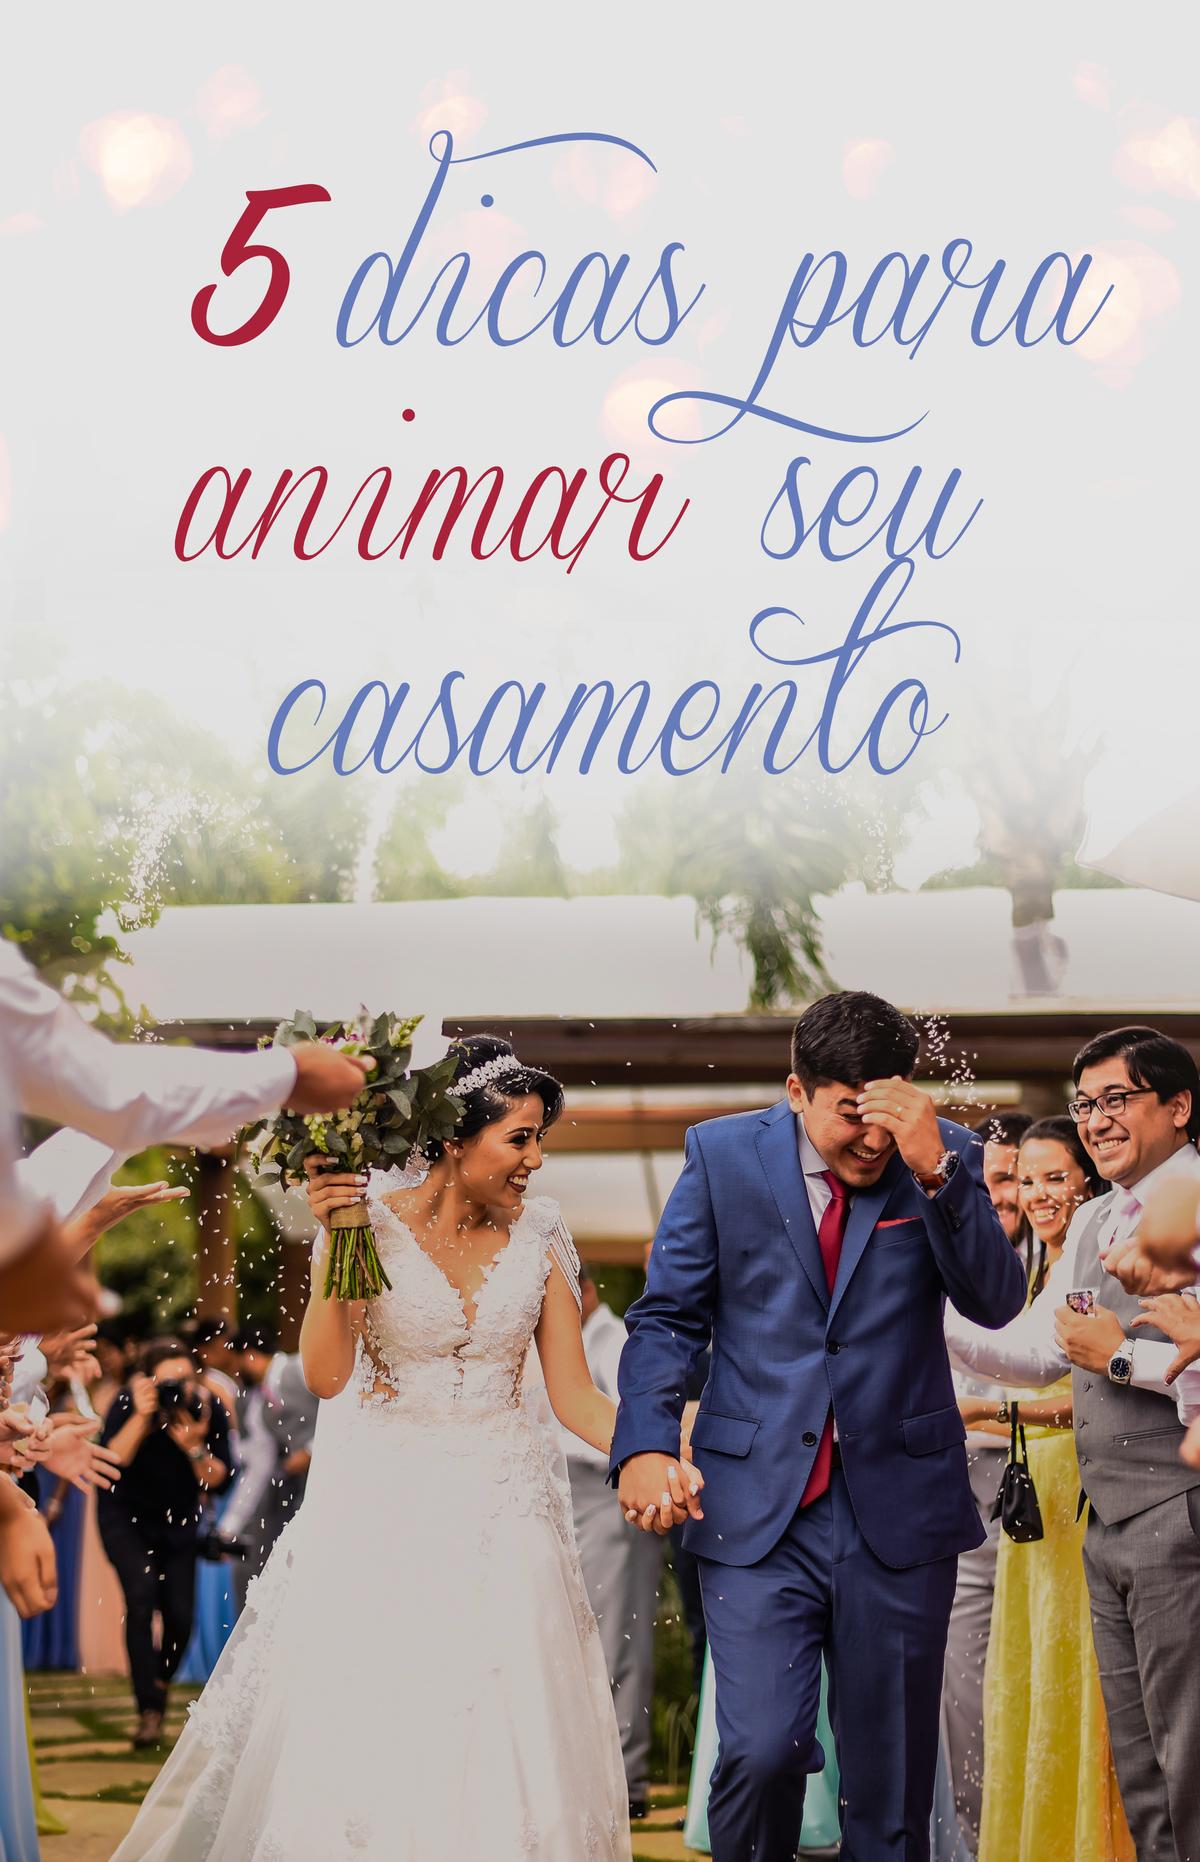 Imagem capa - 5 dicas para animar seu casamento por Augusto Felix